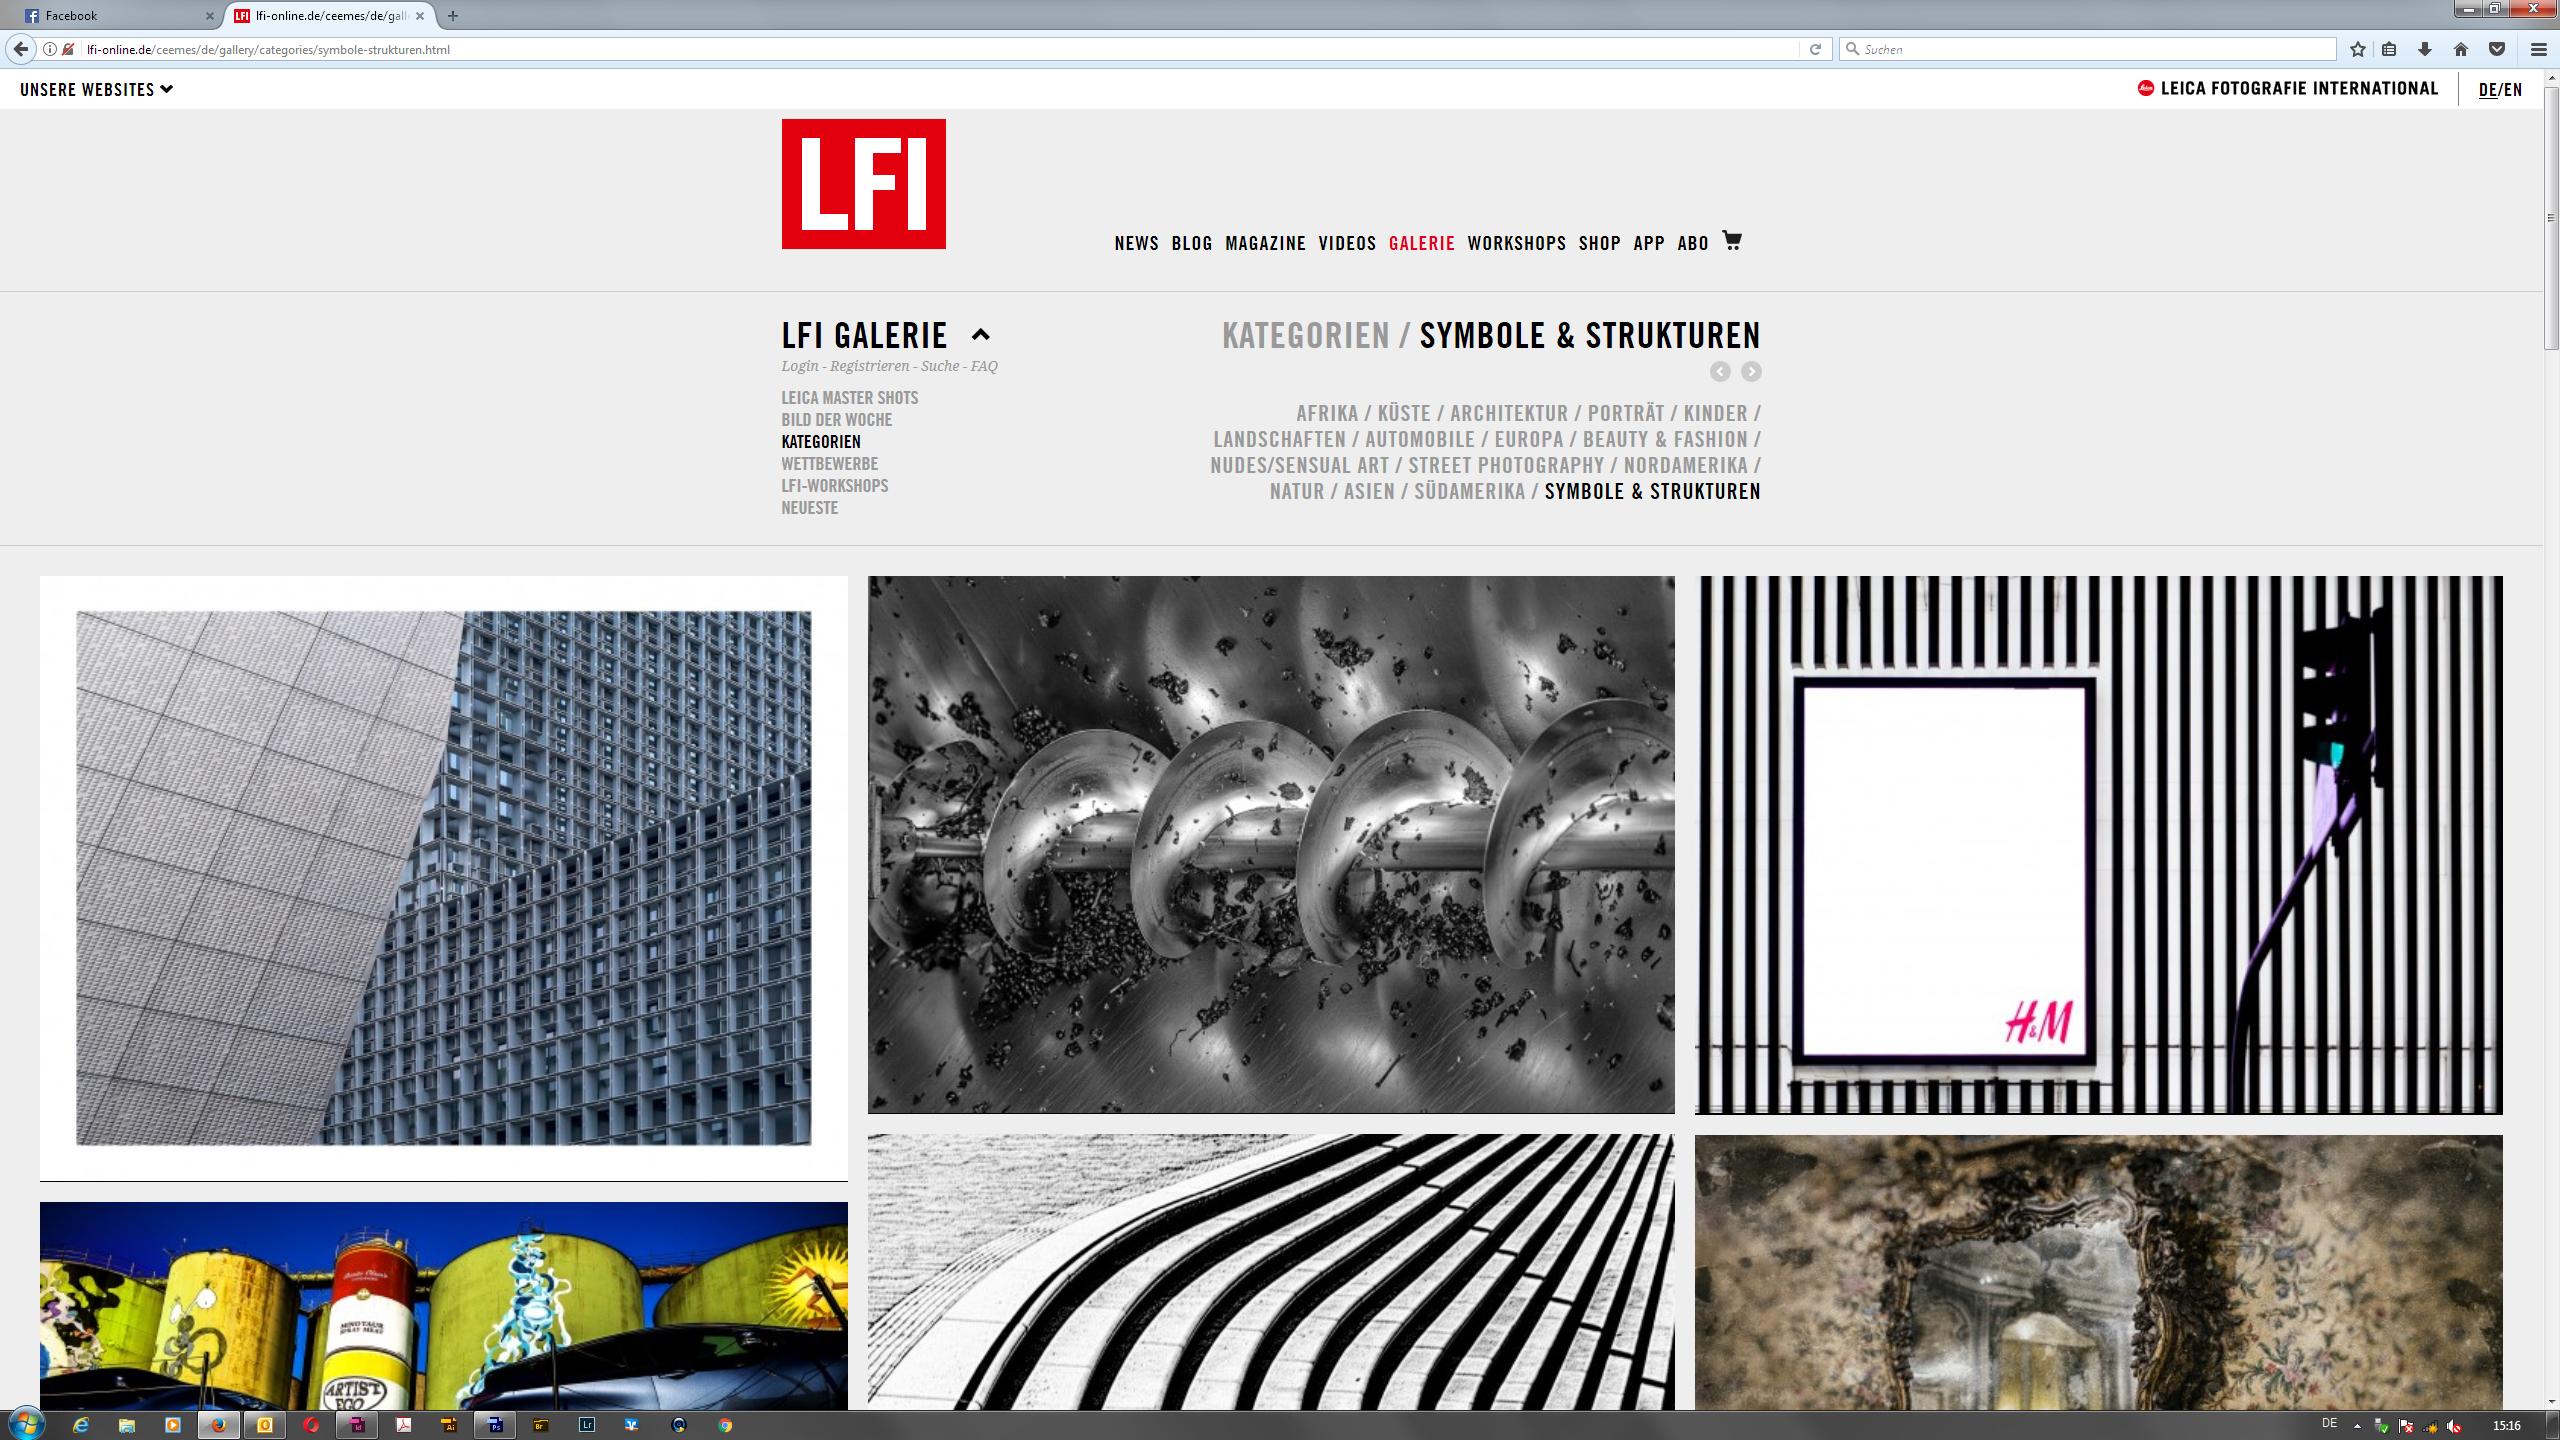 LFI_Strukturen_09_2017 by .